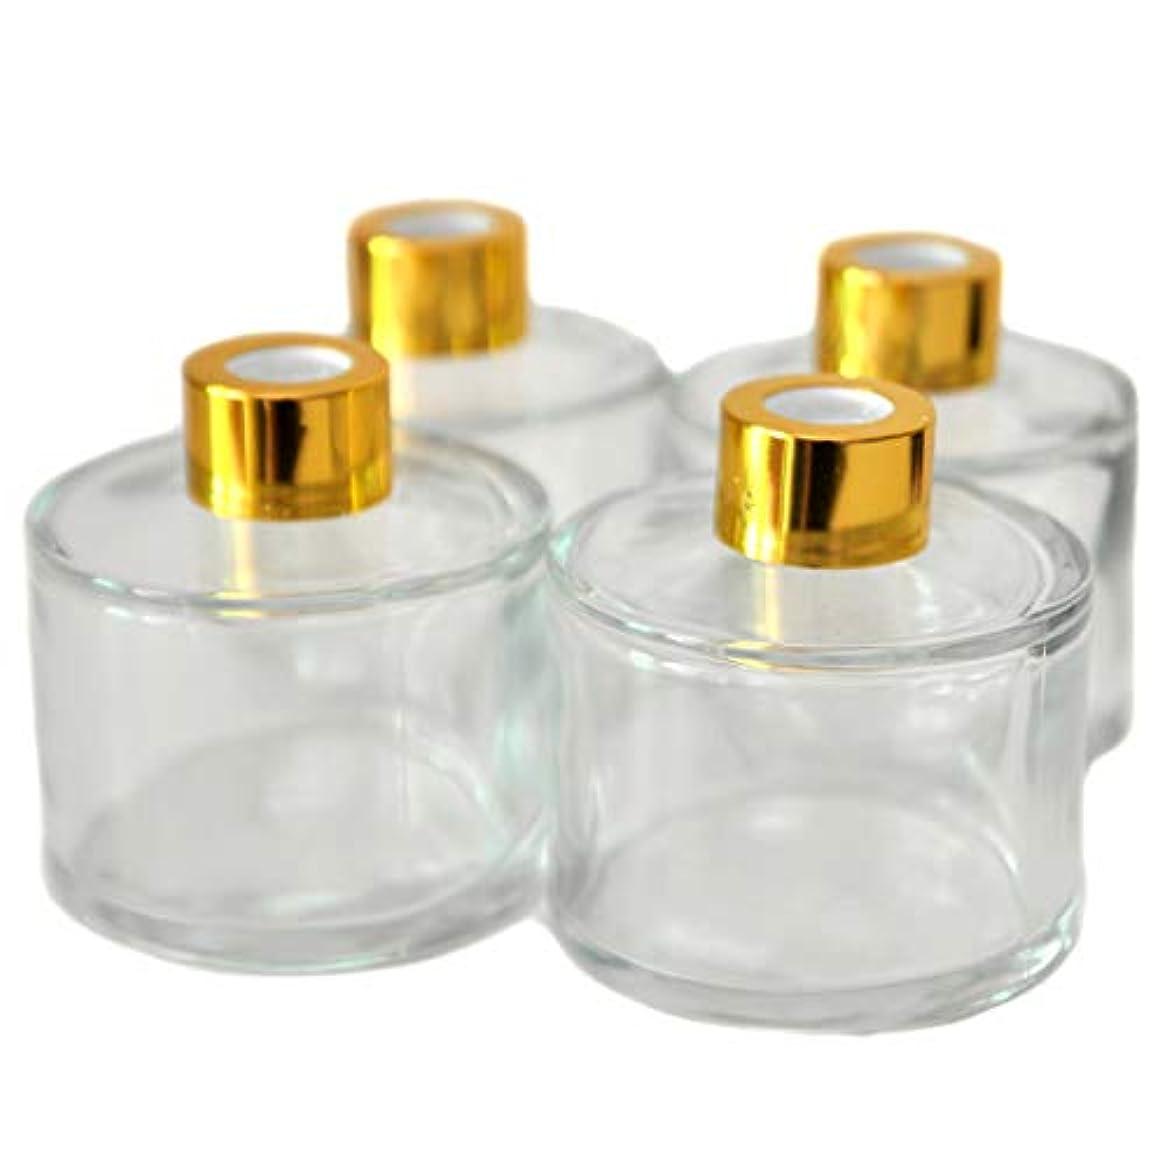 4本入円筒形のアロマ精油拡散ボトル、100mlオフィス、ショップ、ホームアロマガラスボトル